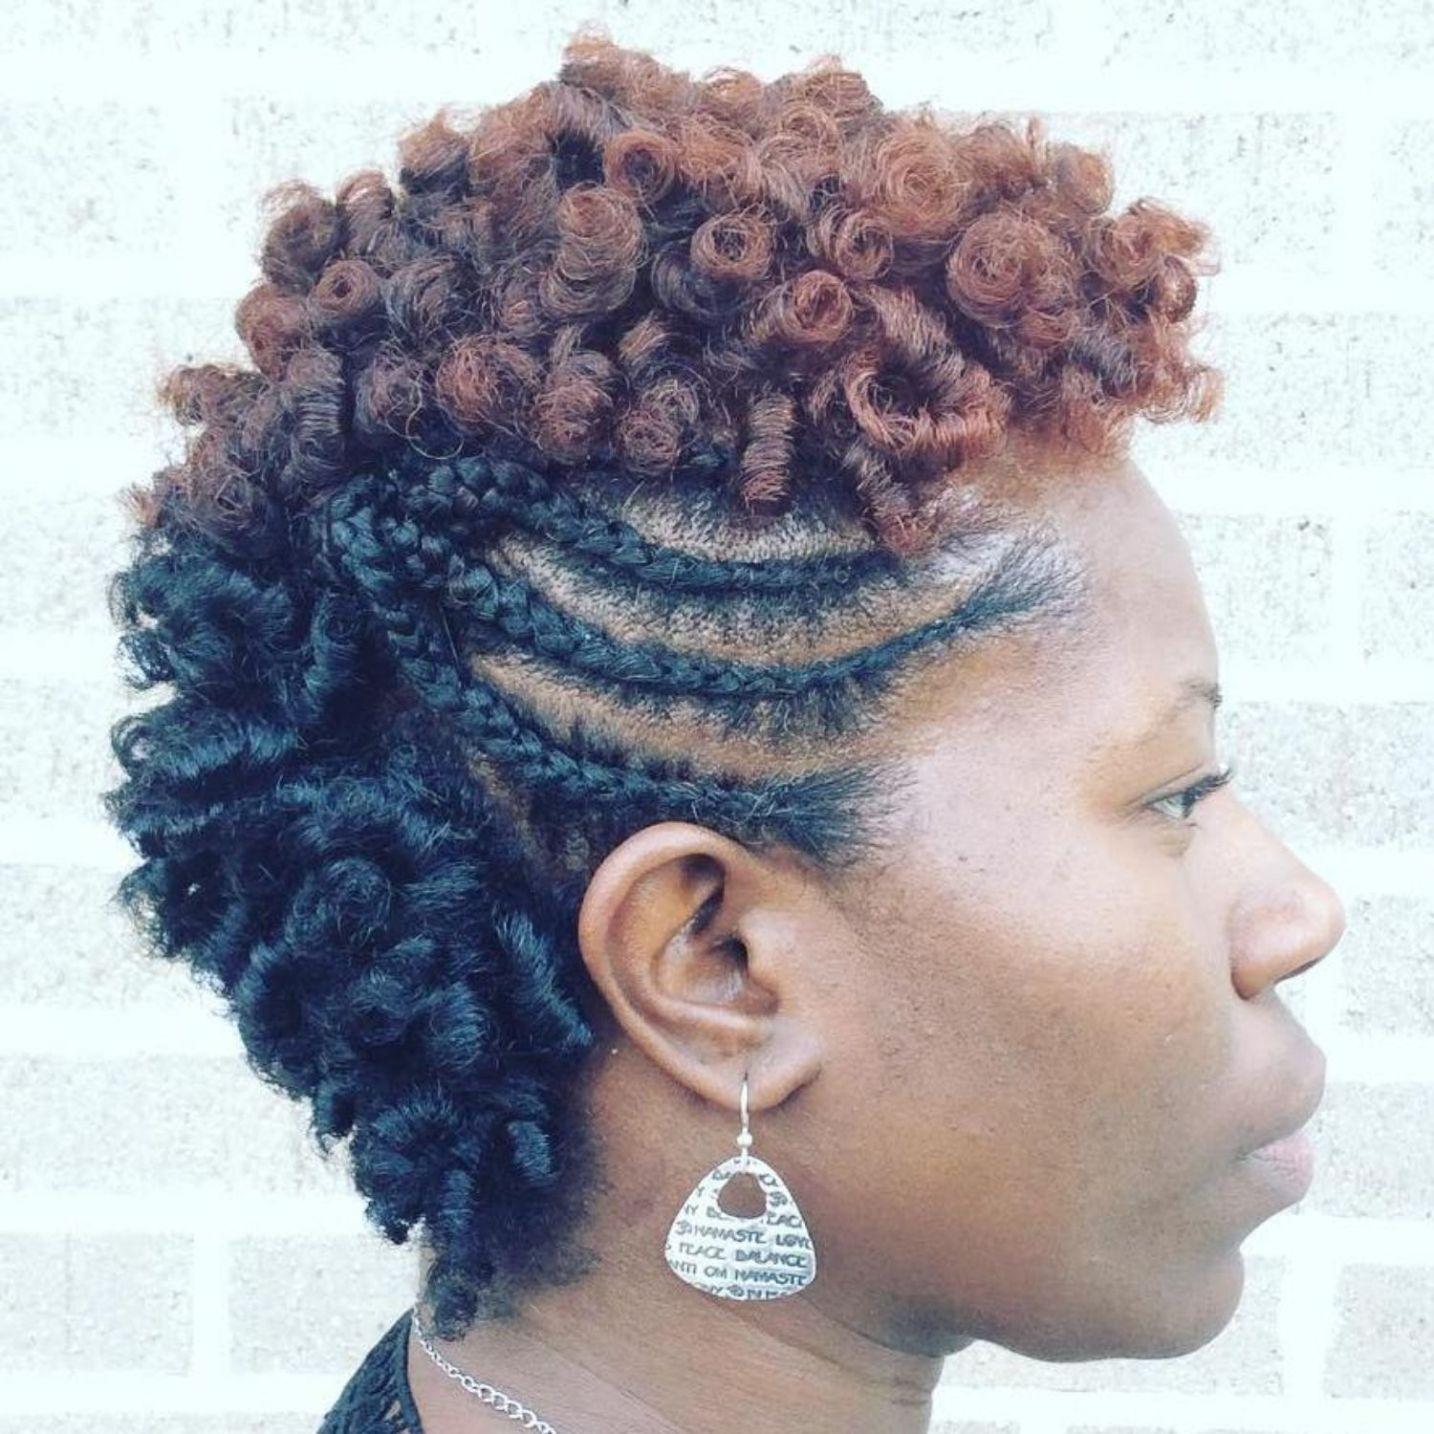 most inspiring natural hairstyles for short hair natural hair